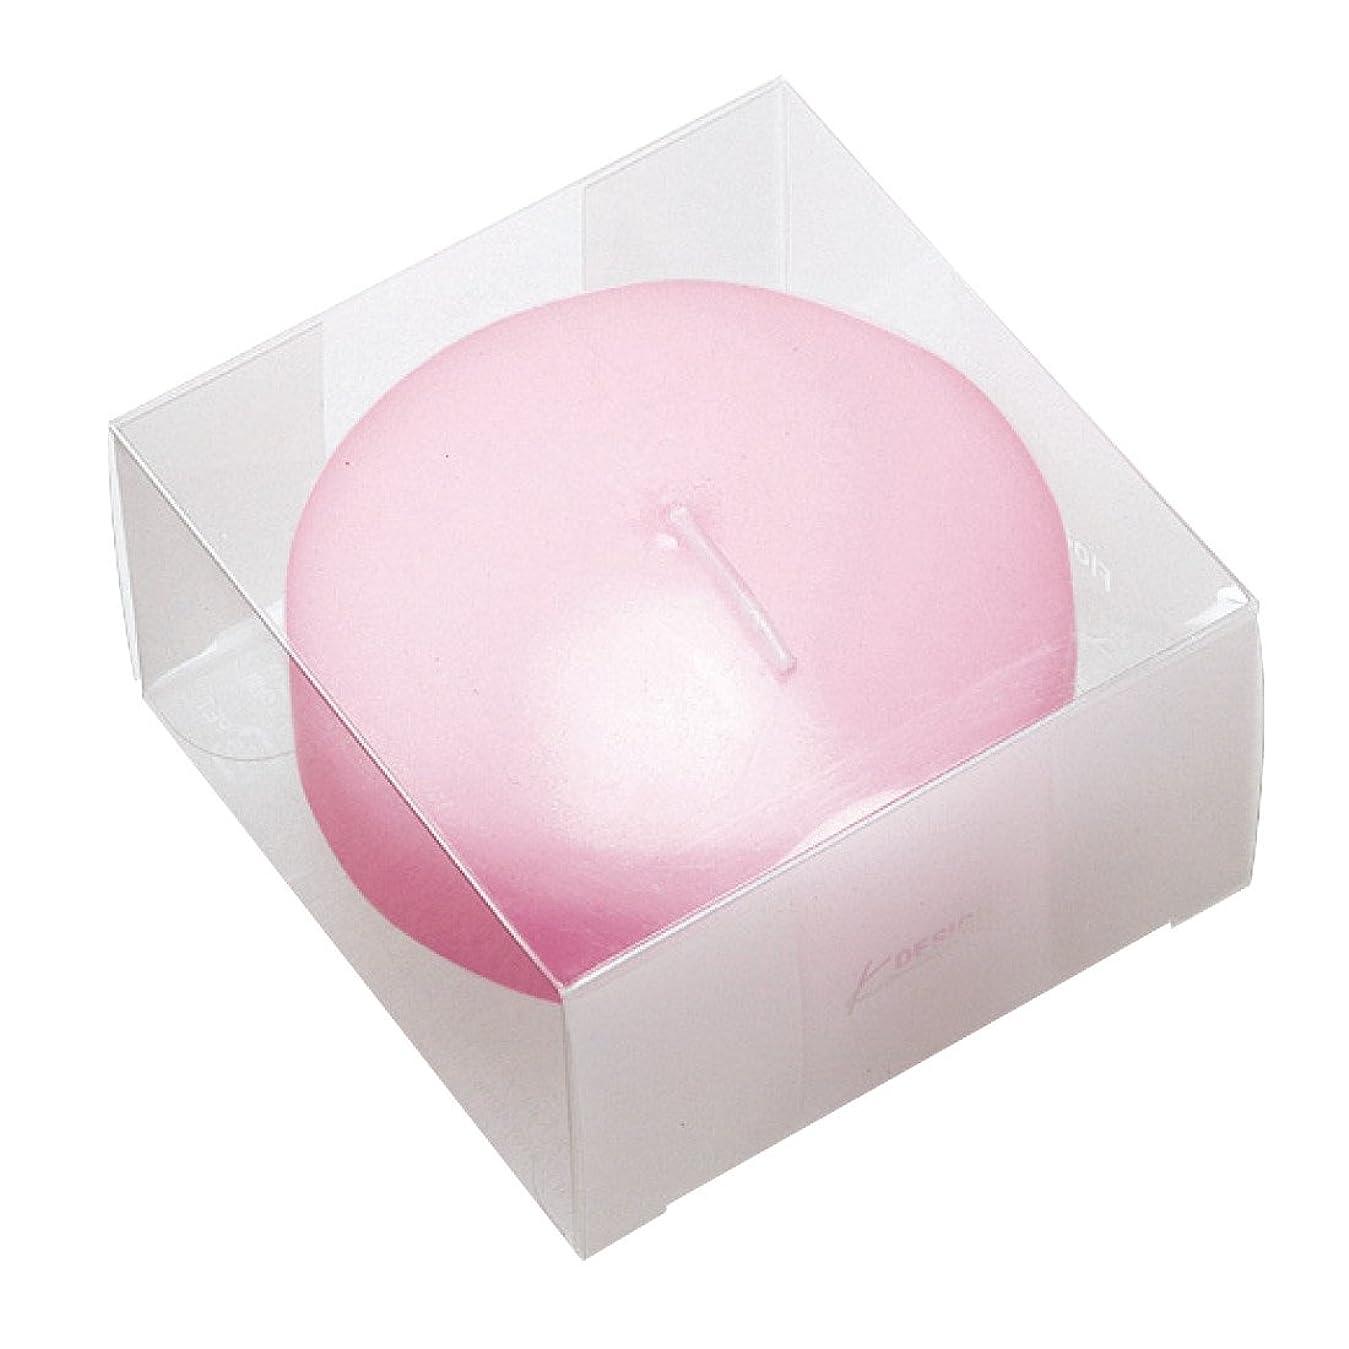 調停する褒賞ゴミ箱プール80(箱入り) 「 ピンク 」